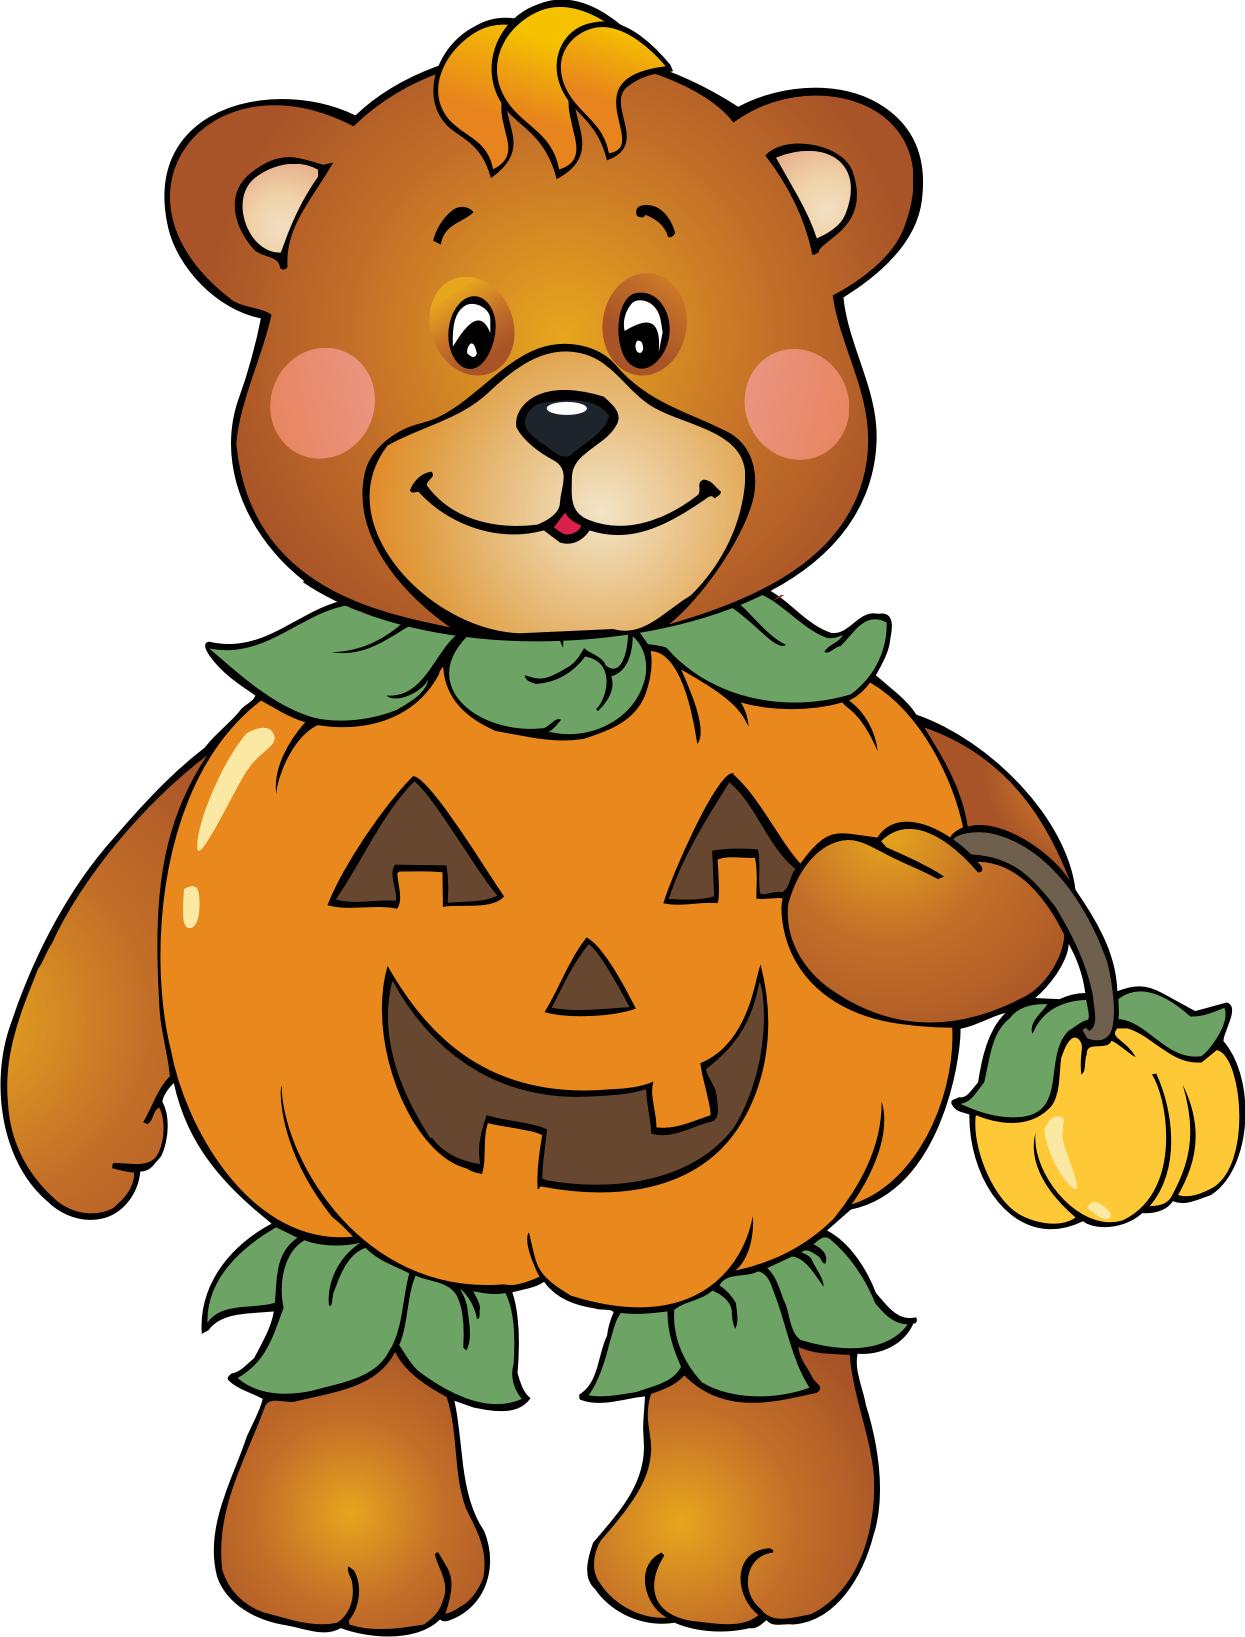 Free Halloween Halloween Clip Art Spider-Free halloween halloween clip art spider free clipart images-8